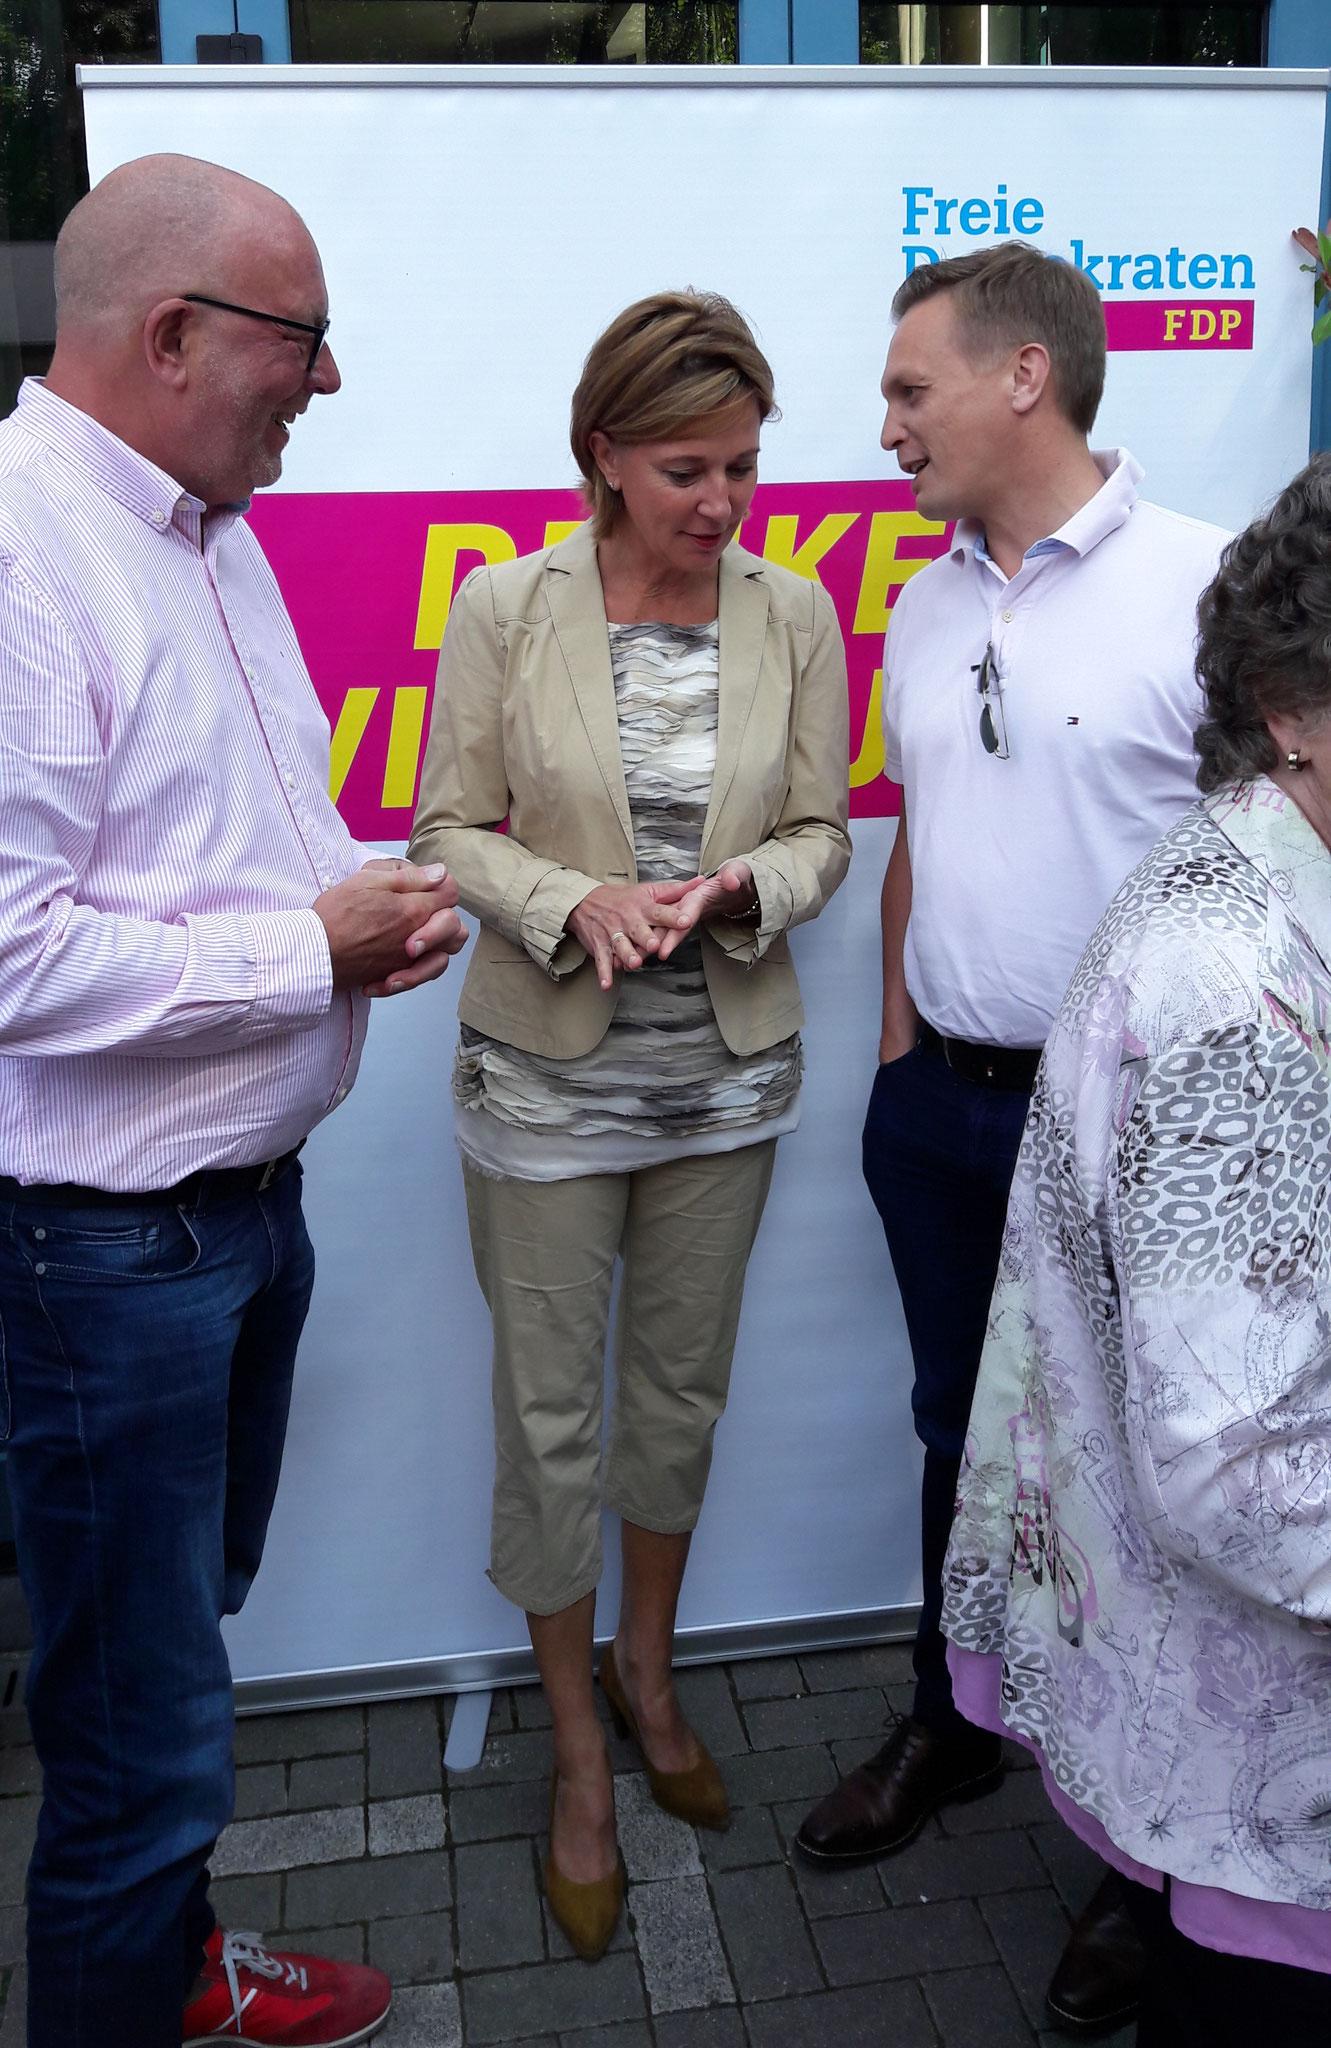 von links nach rechts: Hans-Gerd Völker, Yvonne Gebauer (Schulministerin NRW), Arno Zurbrüggen